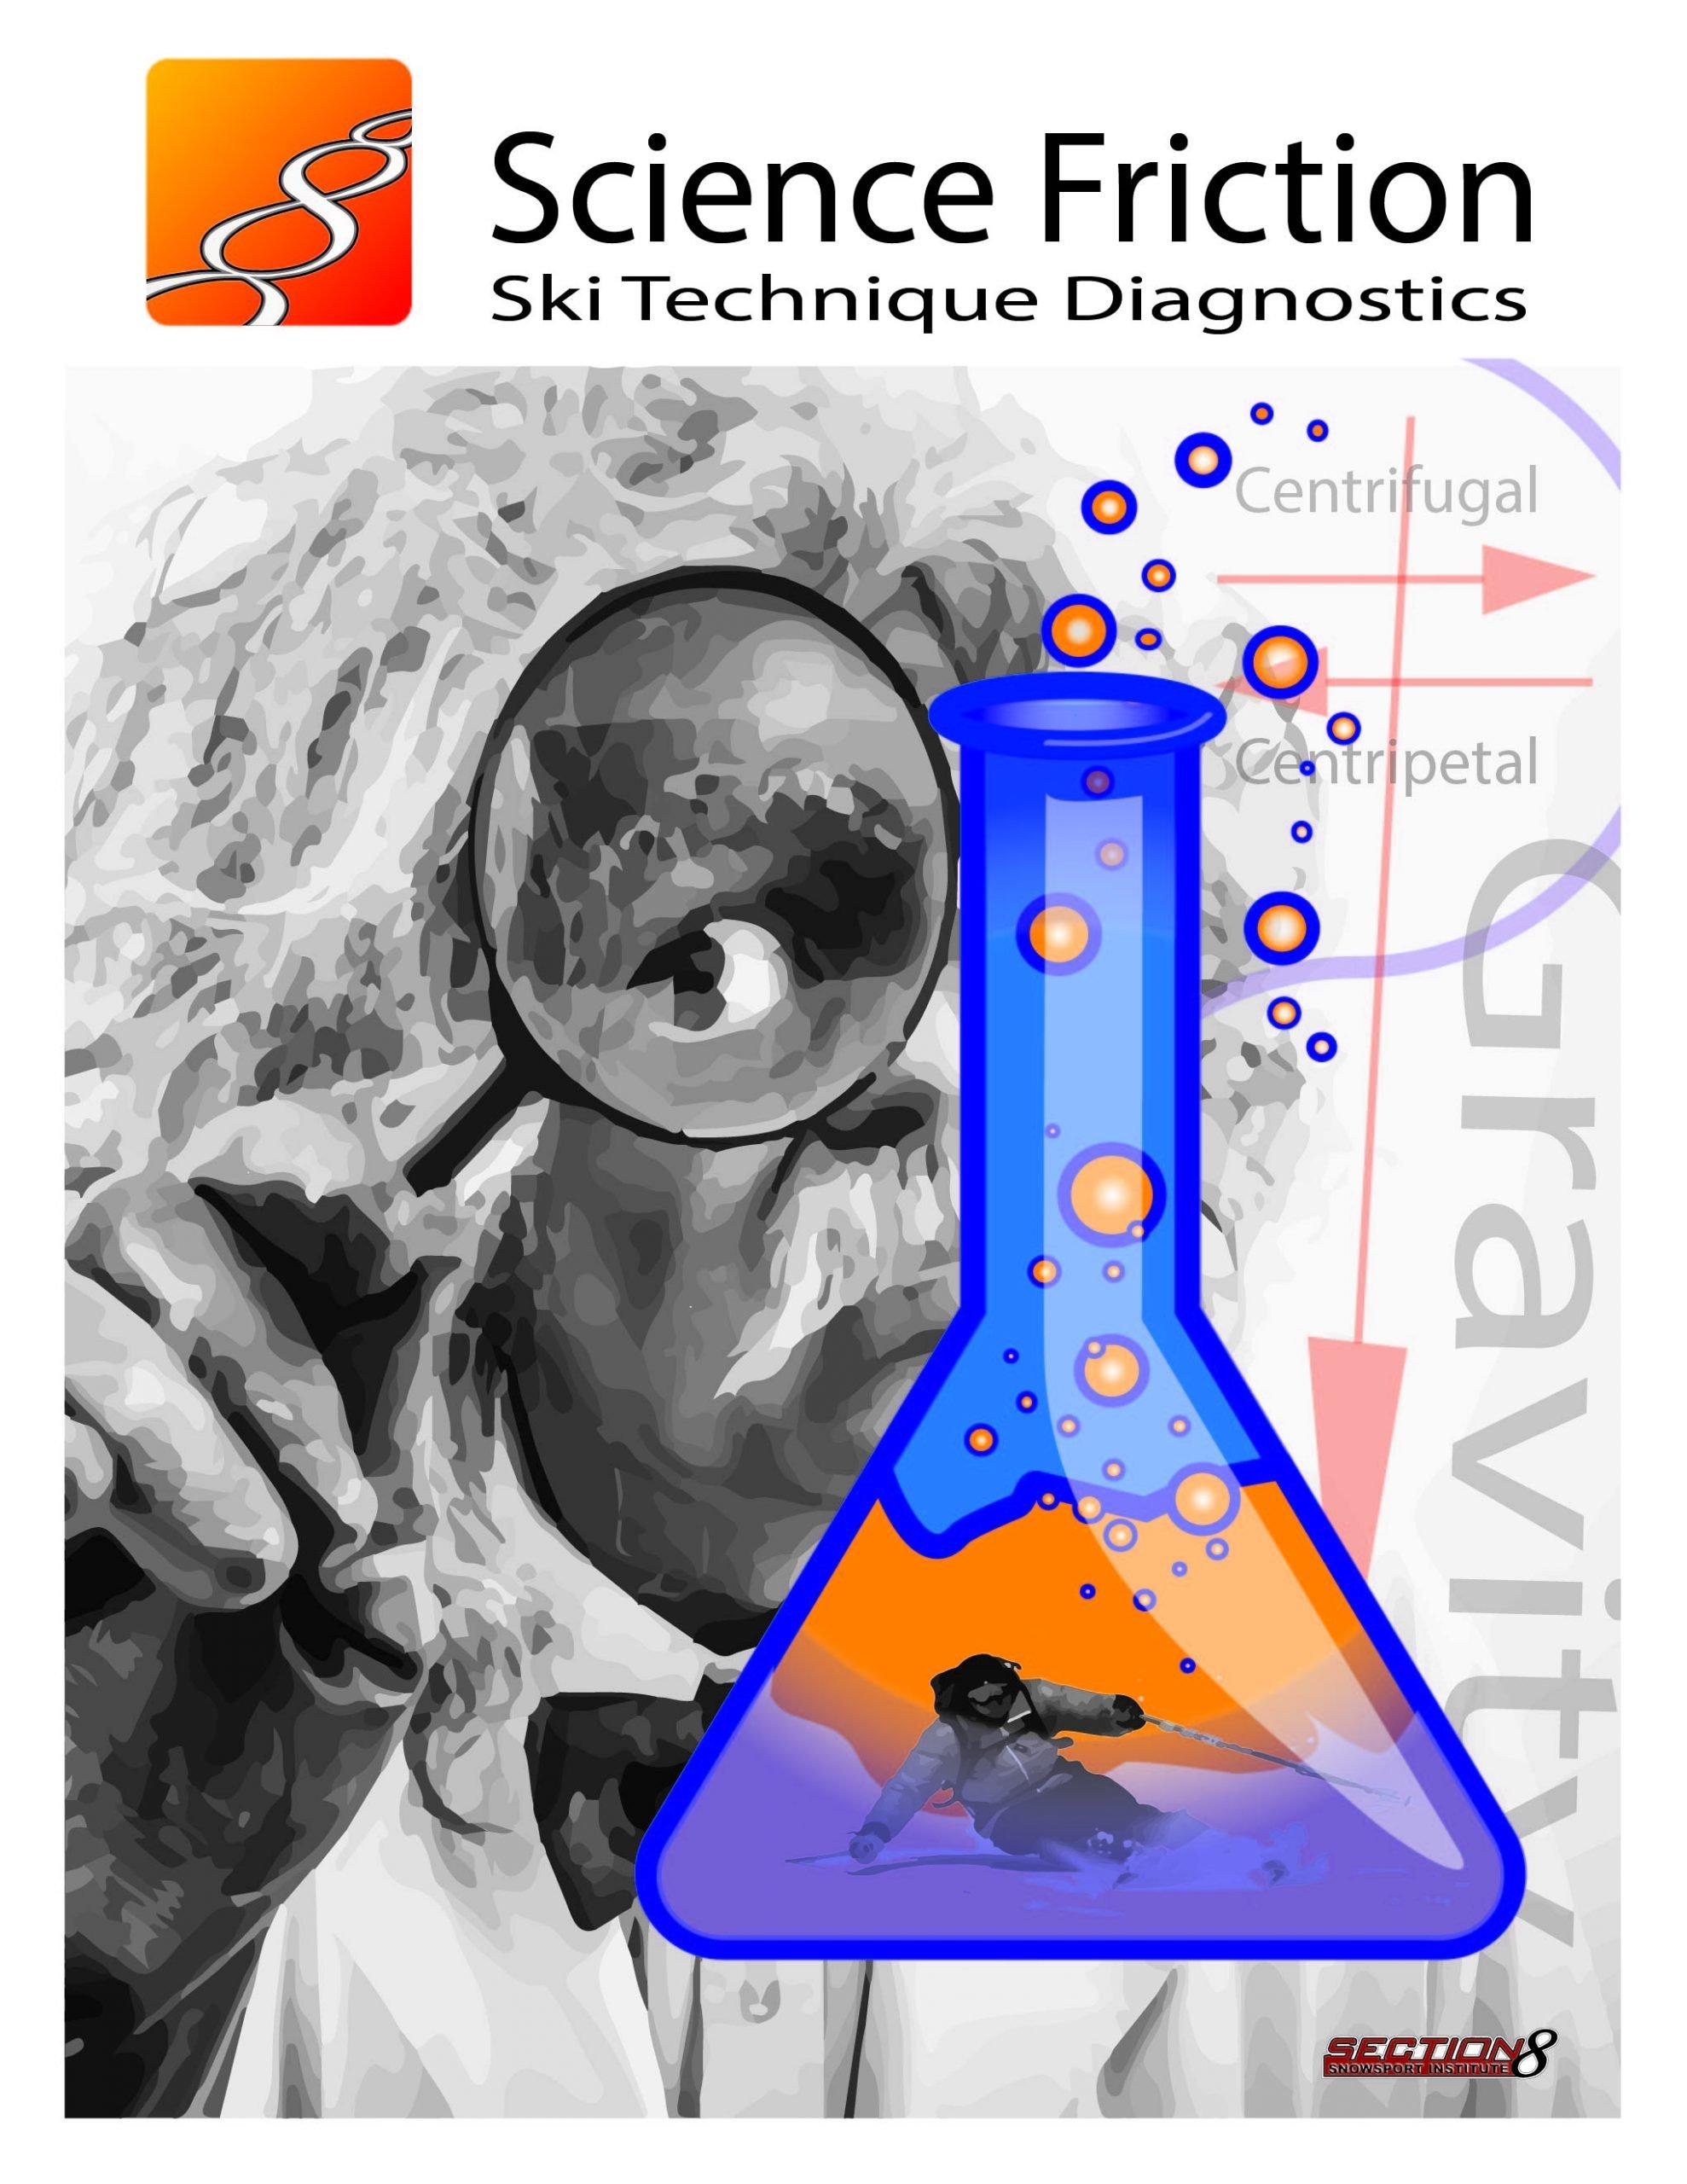 Science Friction - Ski Technique Diagnostics